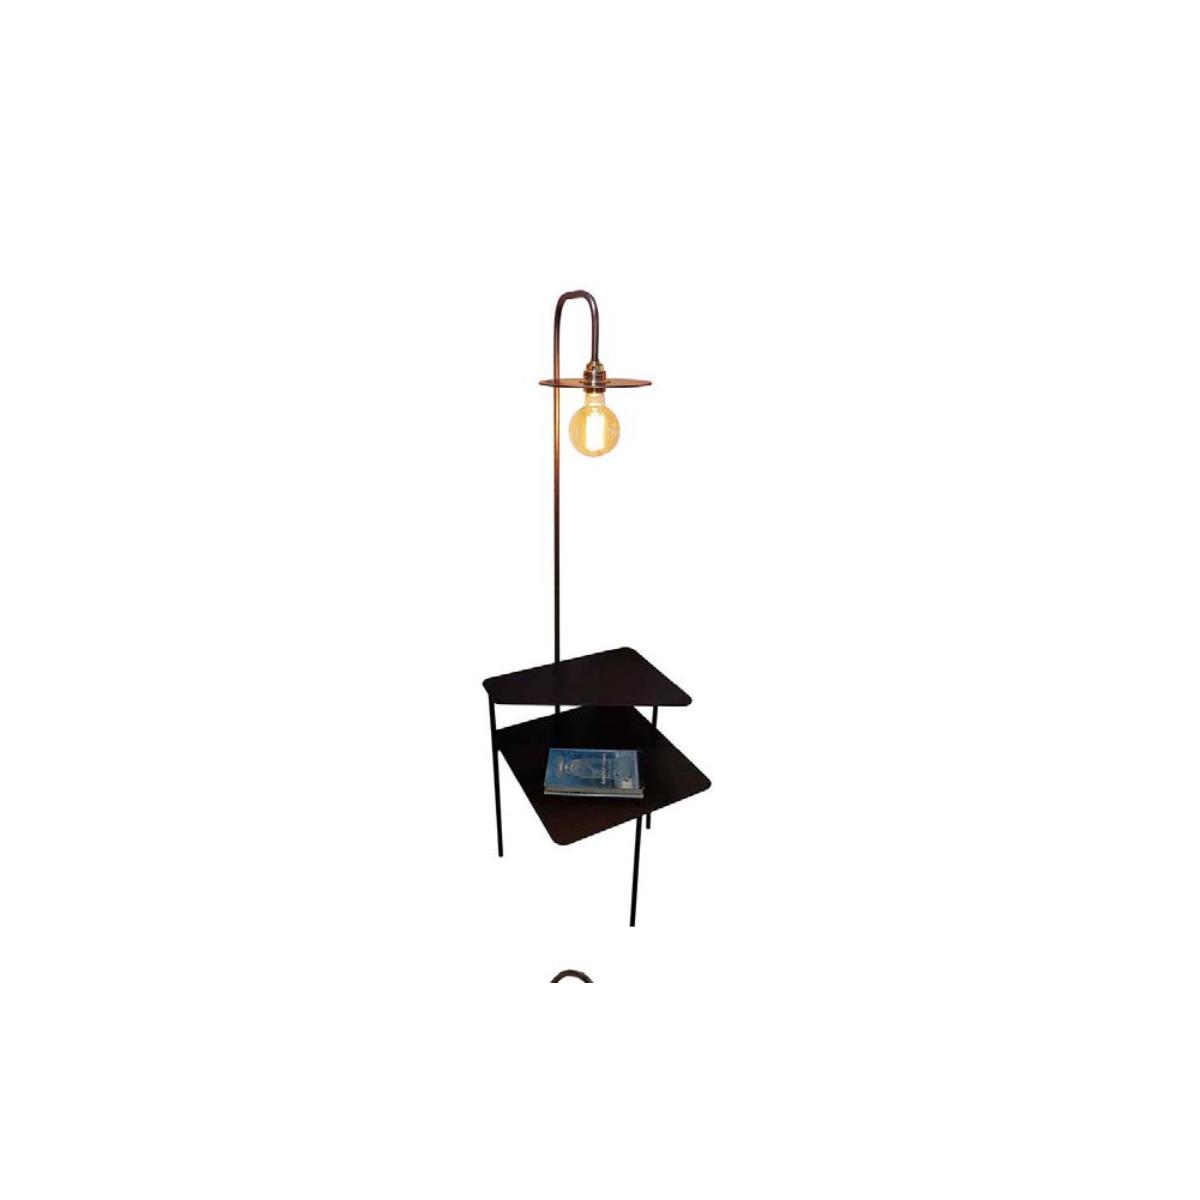 Lampadaire Steele 40x130cm